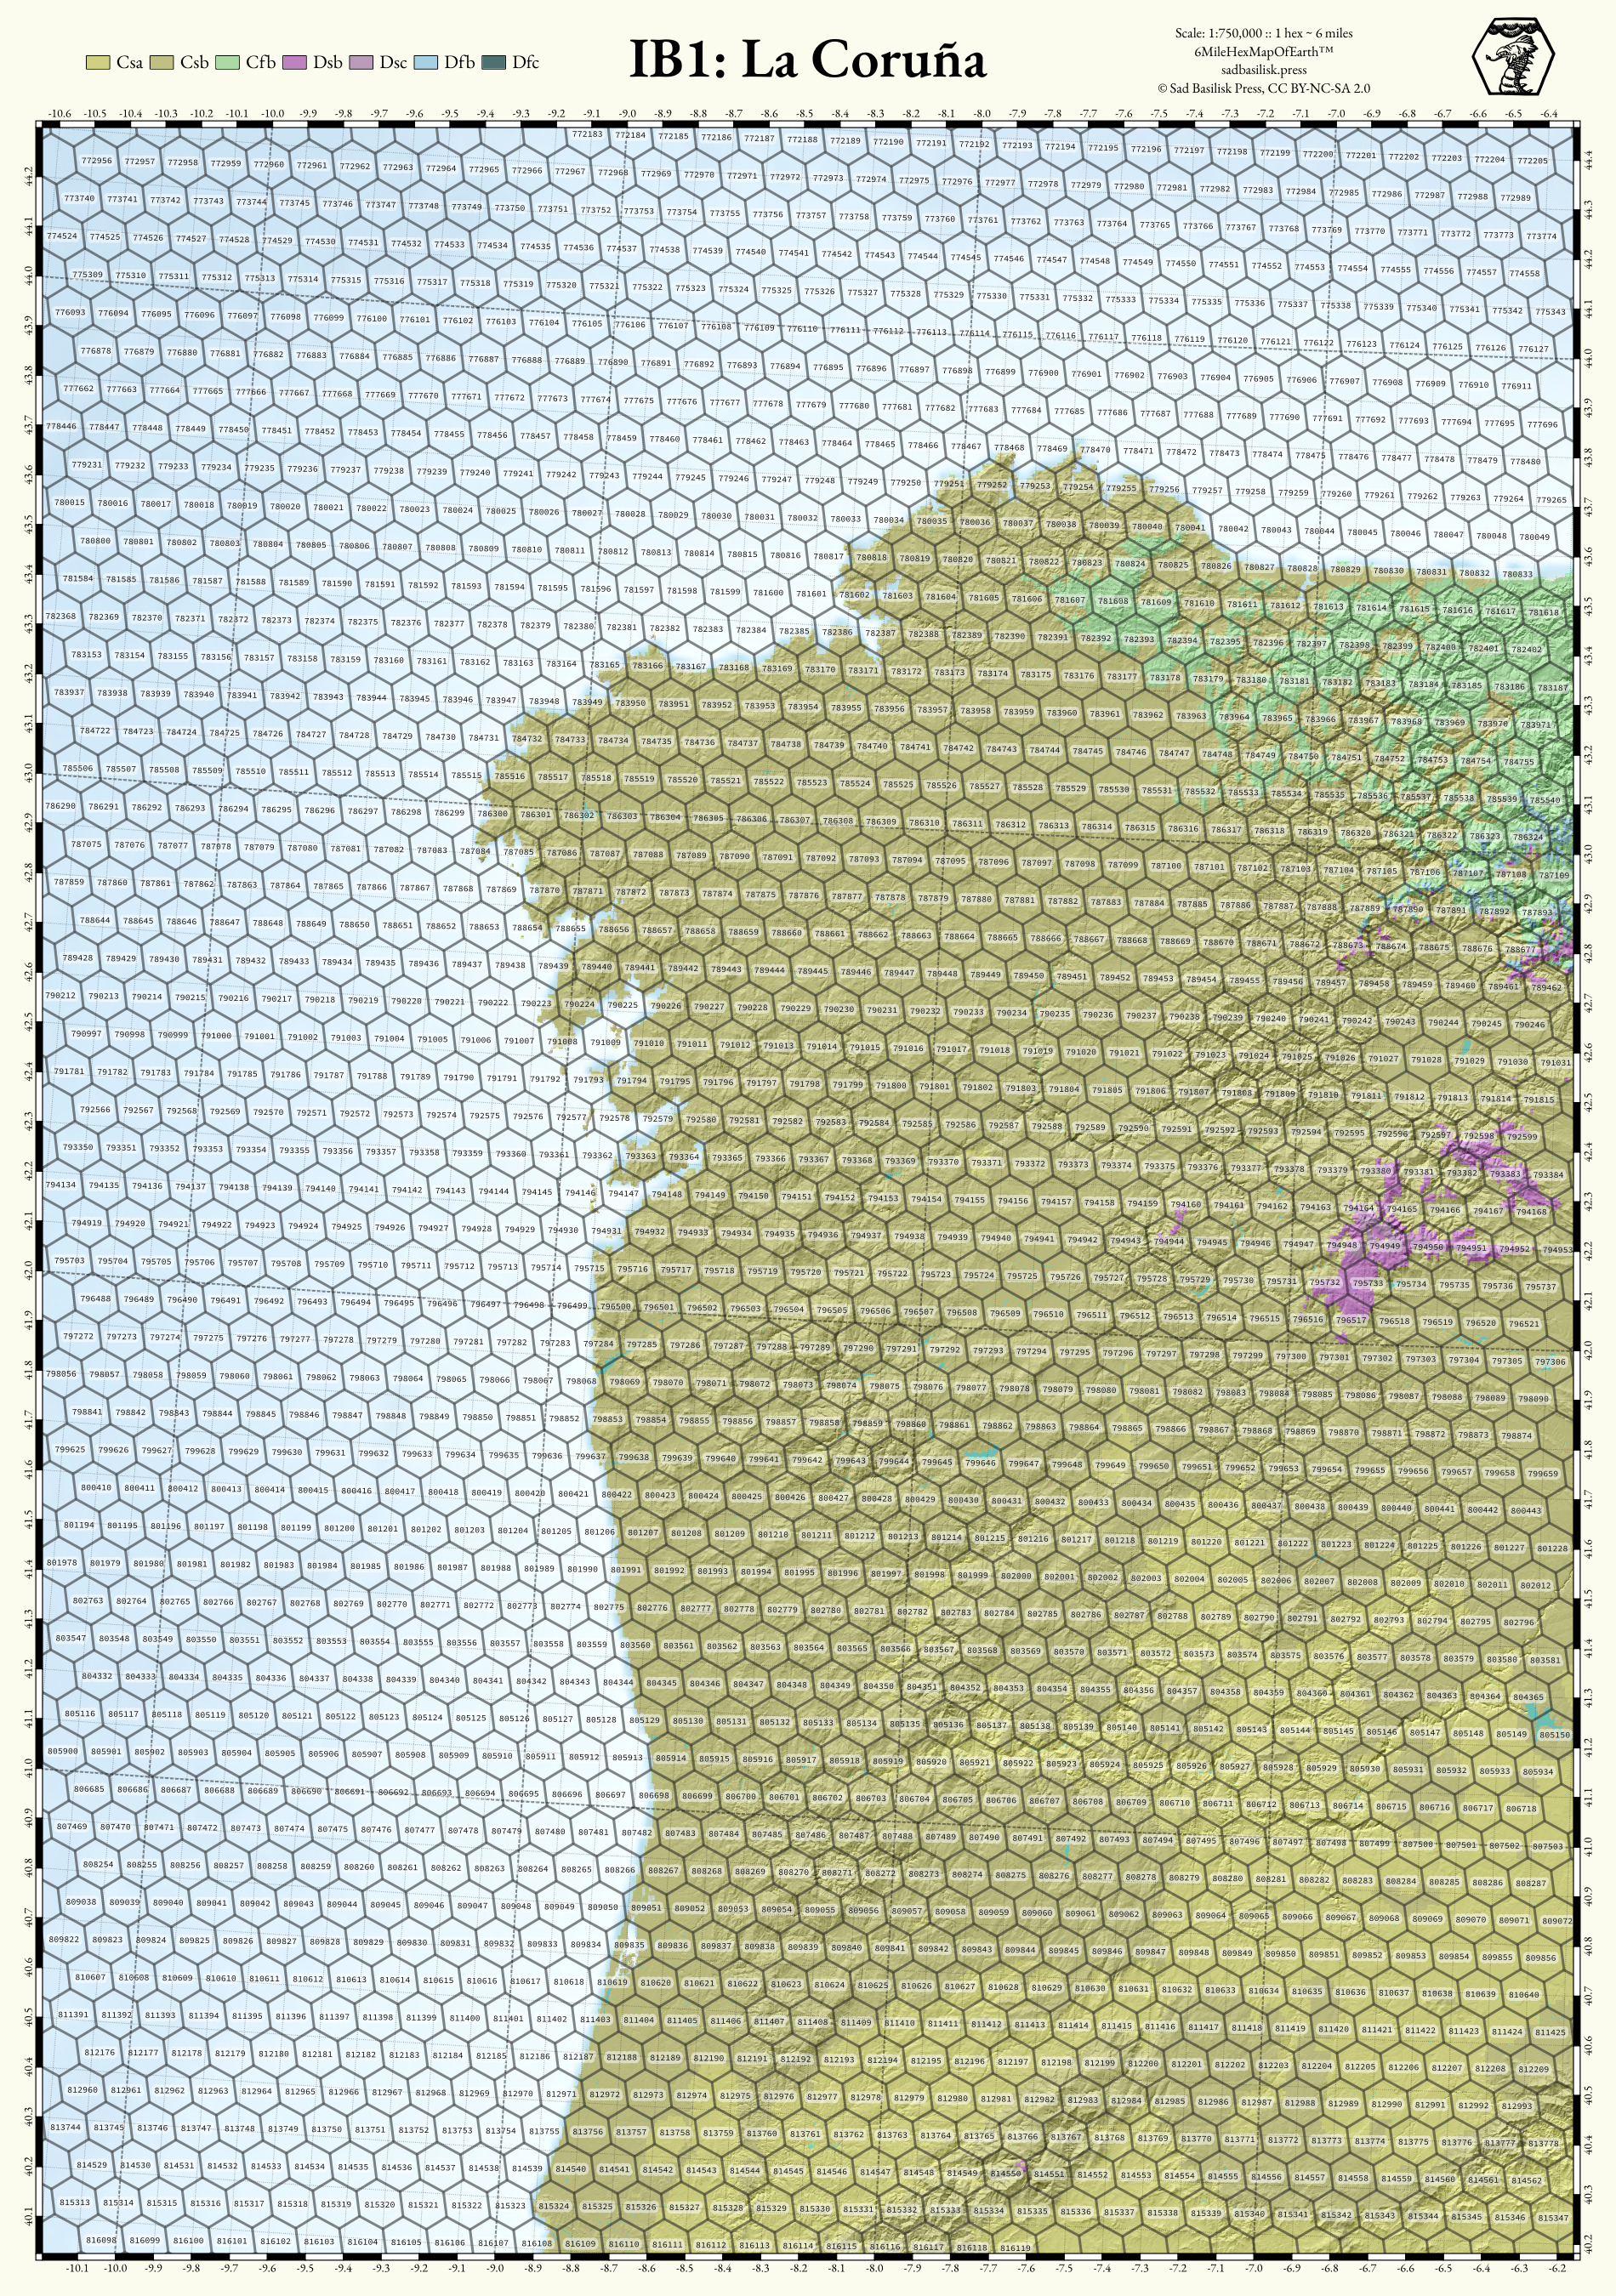 IB1DPI100_labels_color_corrected